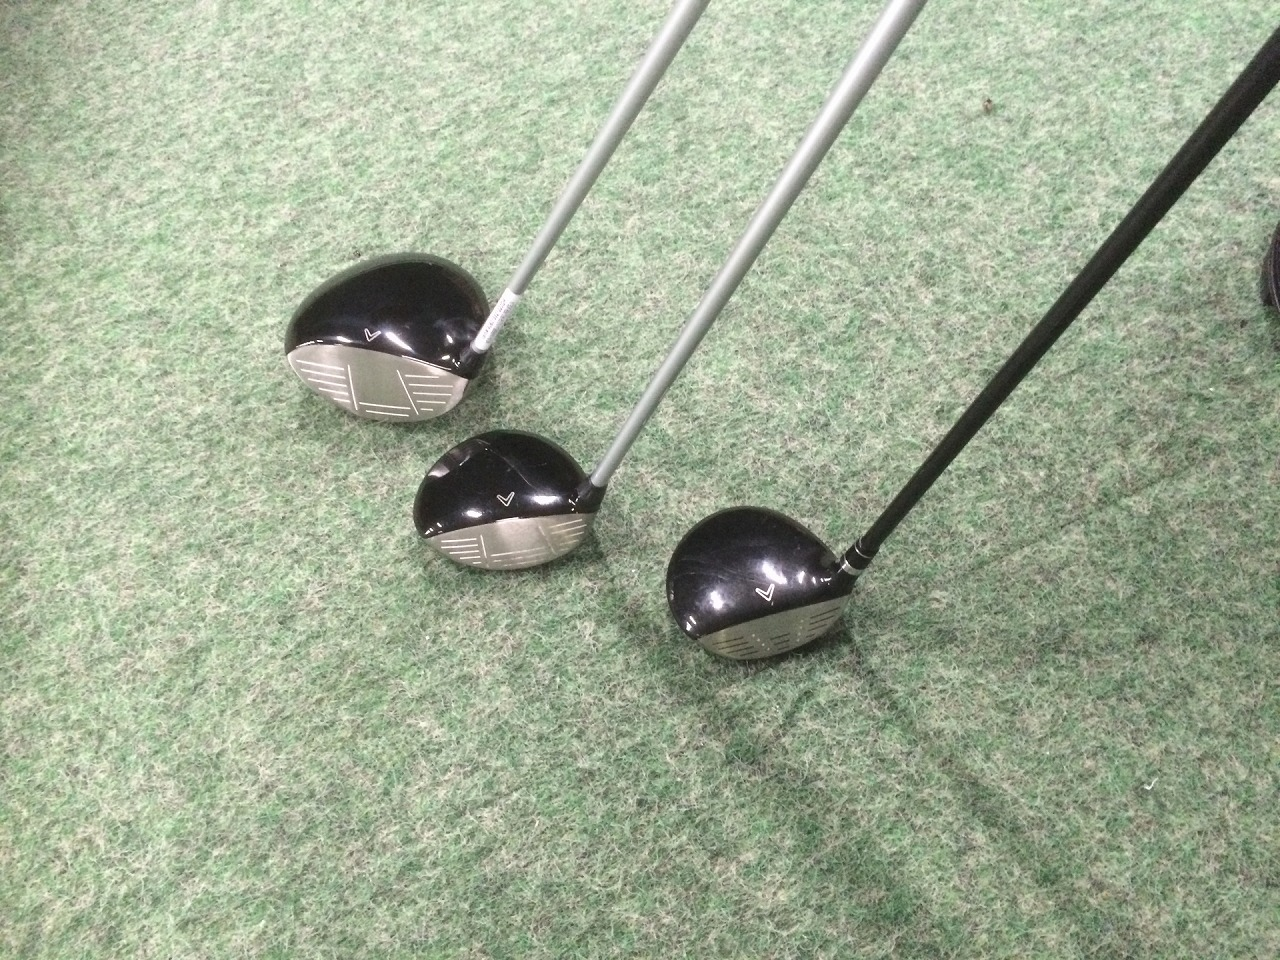 ゴルフクラブのウッド